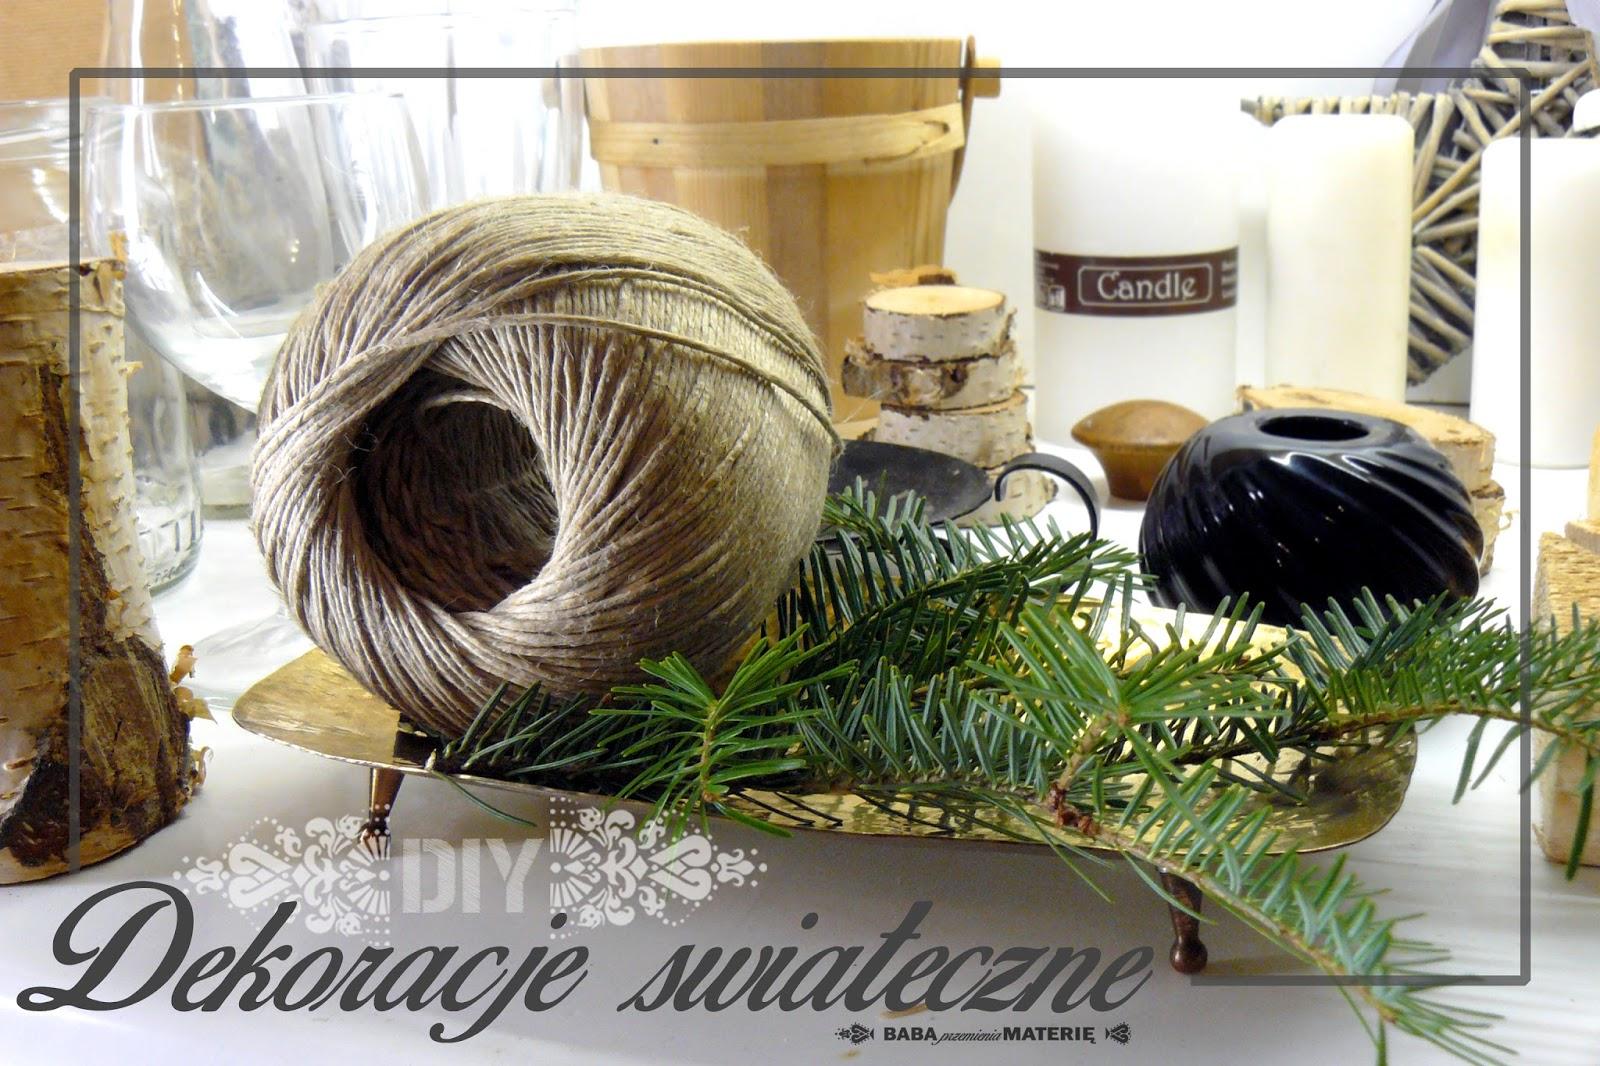 http://babaprzemieniamaterie.blogspot.com/2015/11/diy-dekoracje-drewniane-choineczki-z.html#more